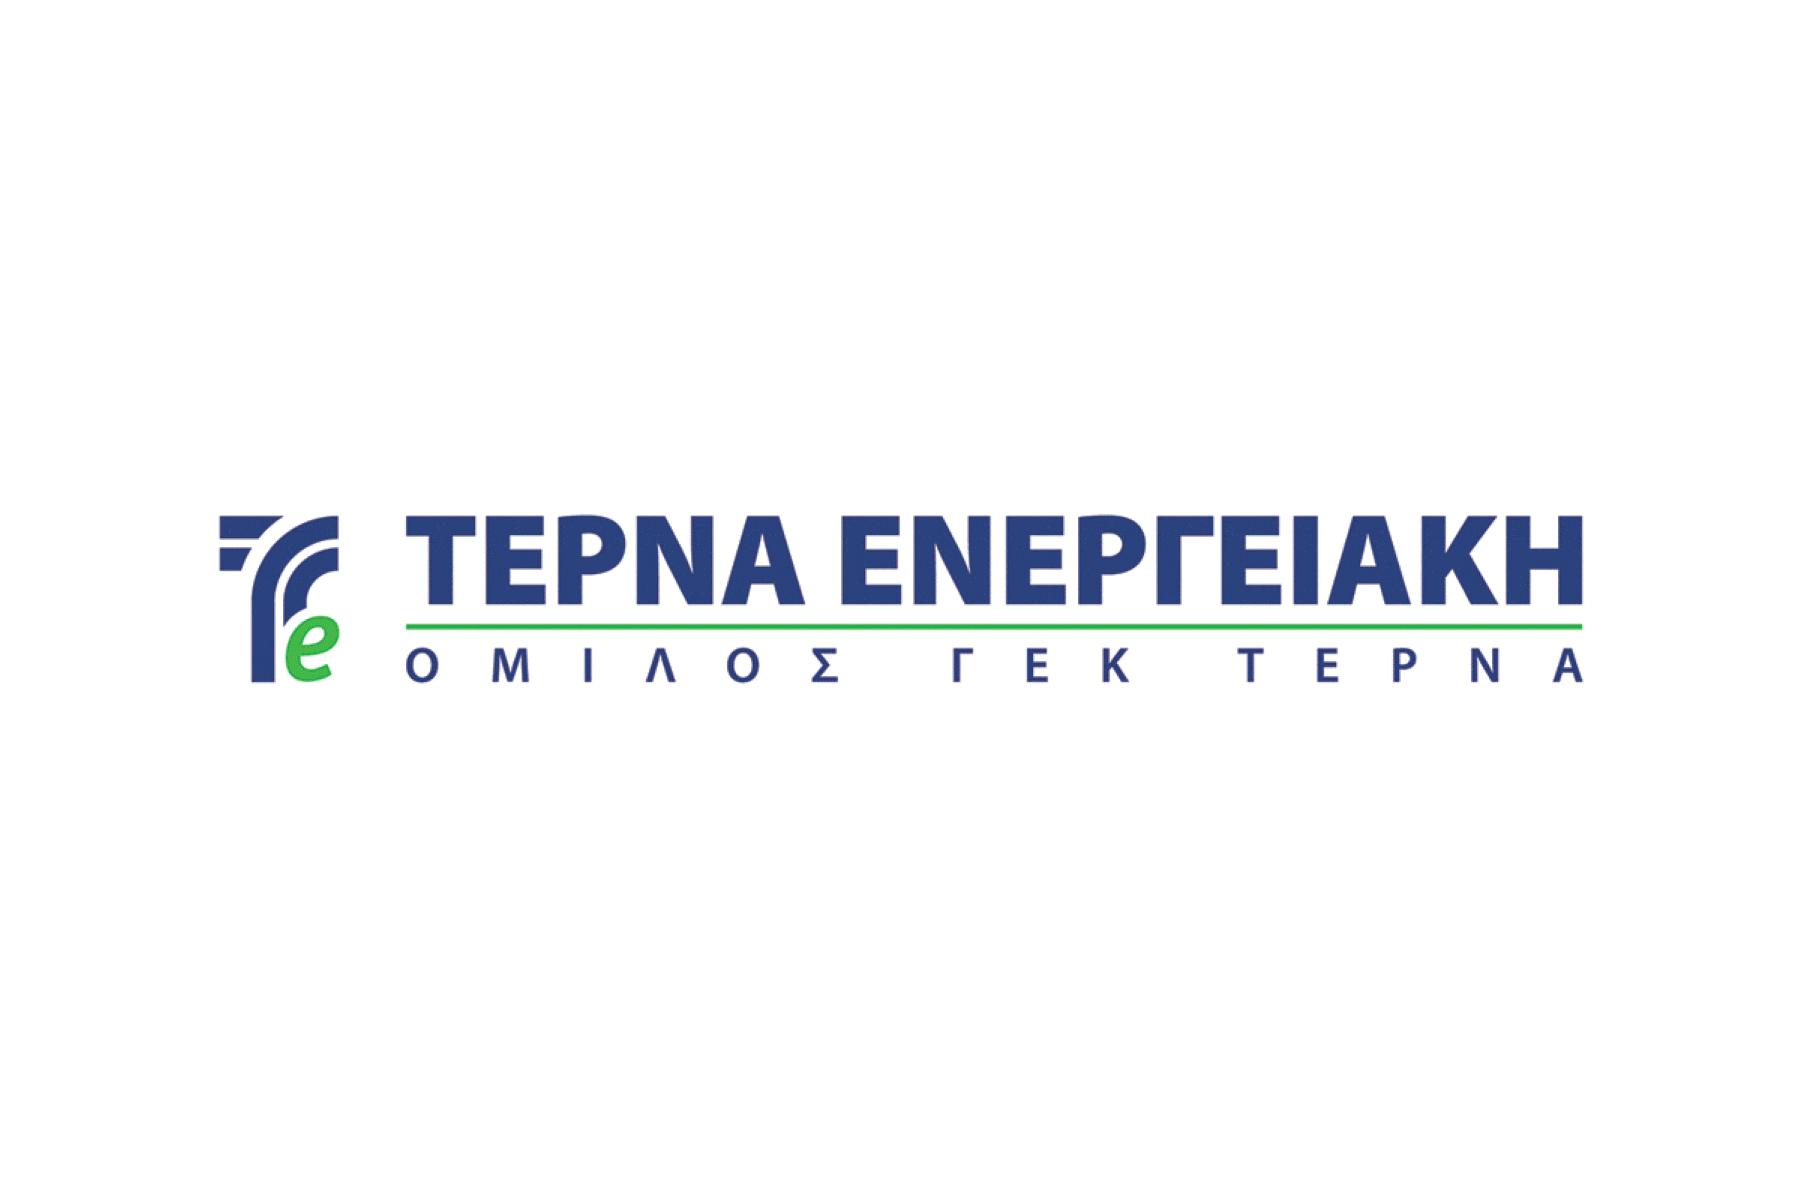 Τέρνα Ενεργειακή: Πιστοποιήθηκε από την TÜV HELLAS (TÜV NORD)